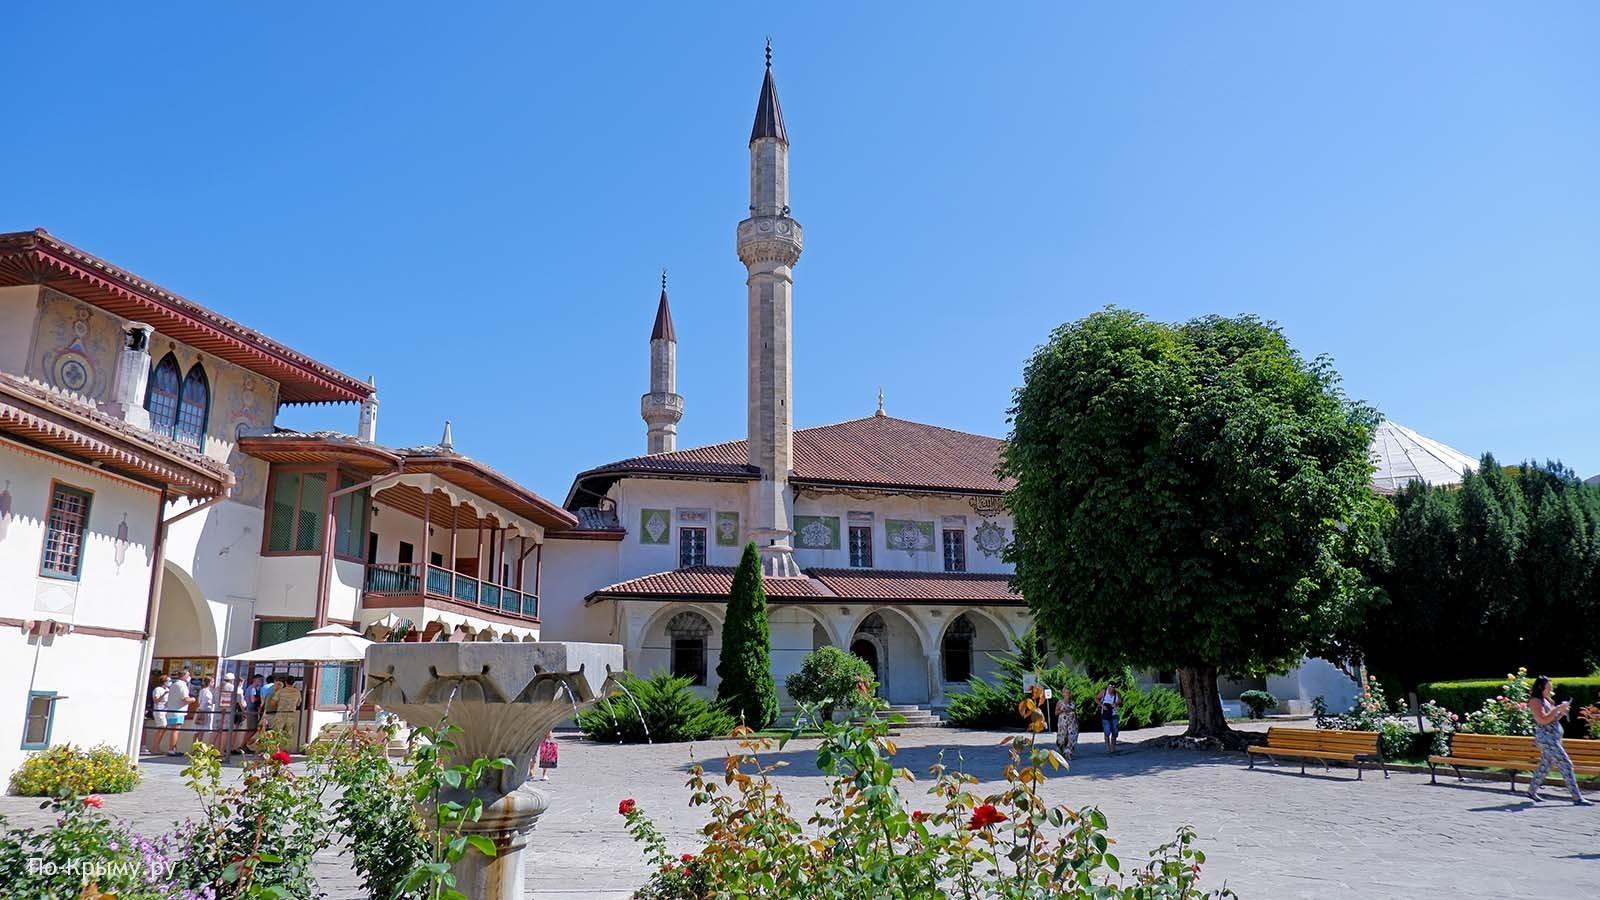 Большая Ханская мечеть - Хан-Джами